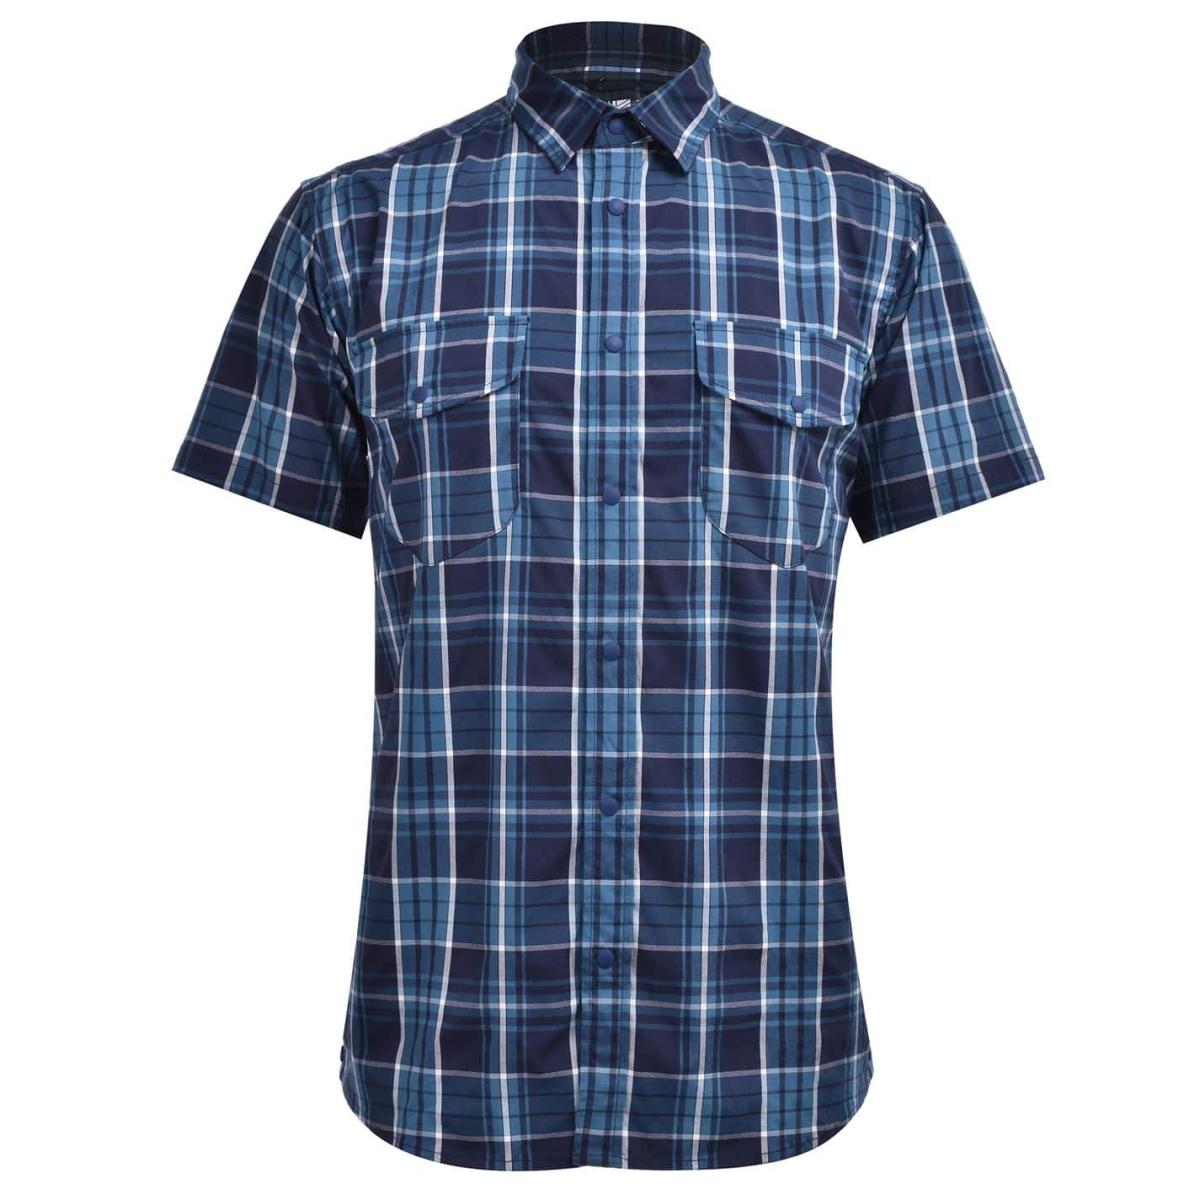 Karrimor Yacuma Original Check Hemd Shirt Herren